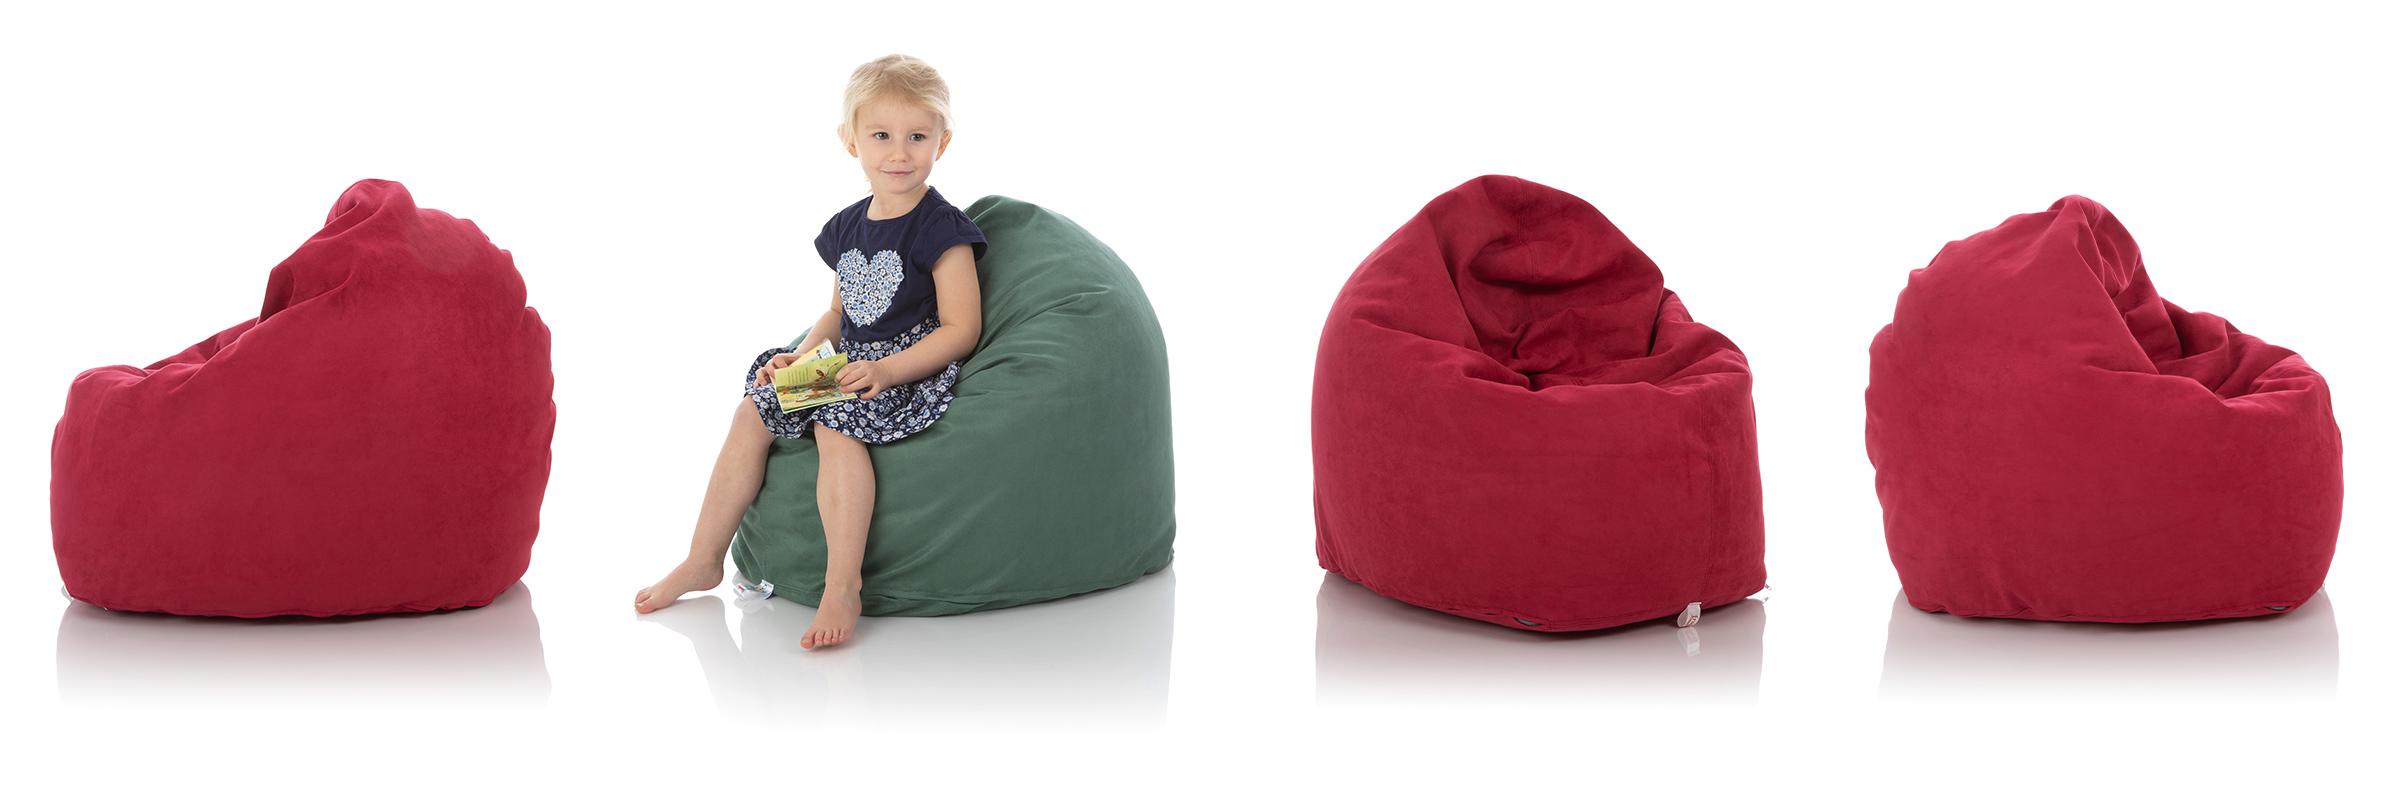 Kleines Mädchen in grünem Sitzsack umgeben von roten Sitzsäcken für das Kinderzimmer